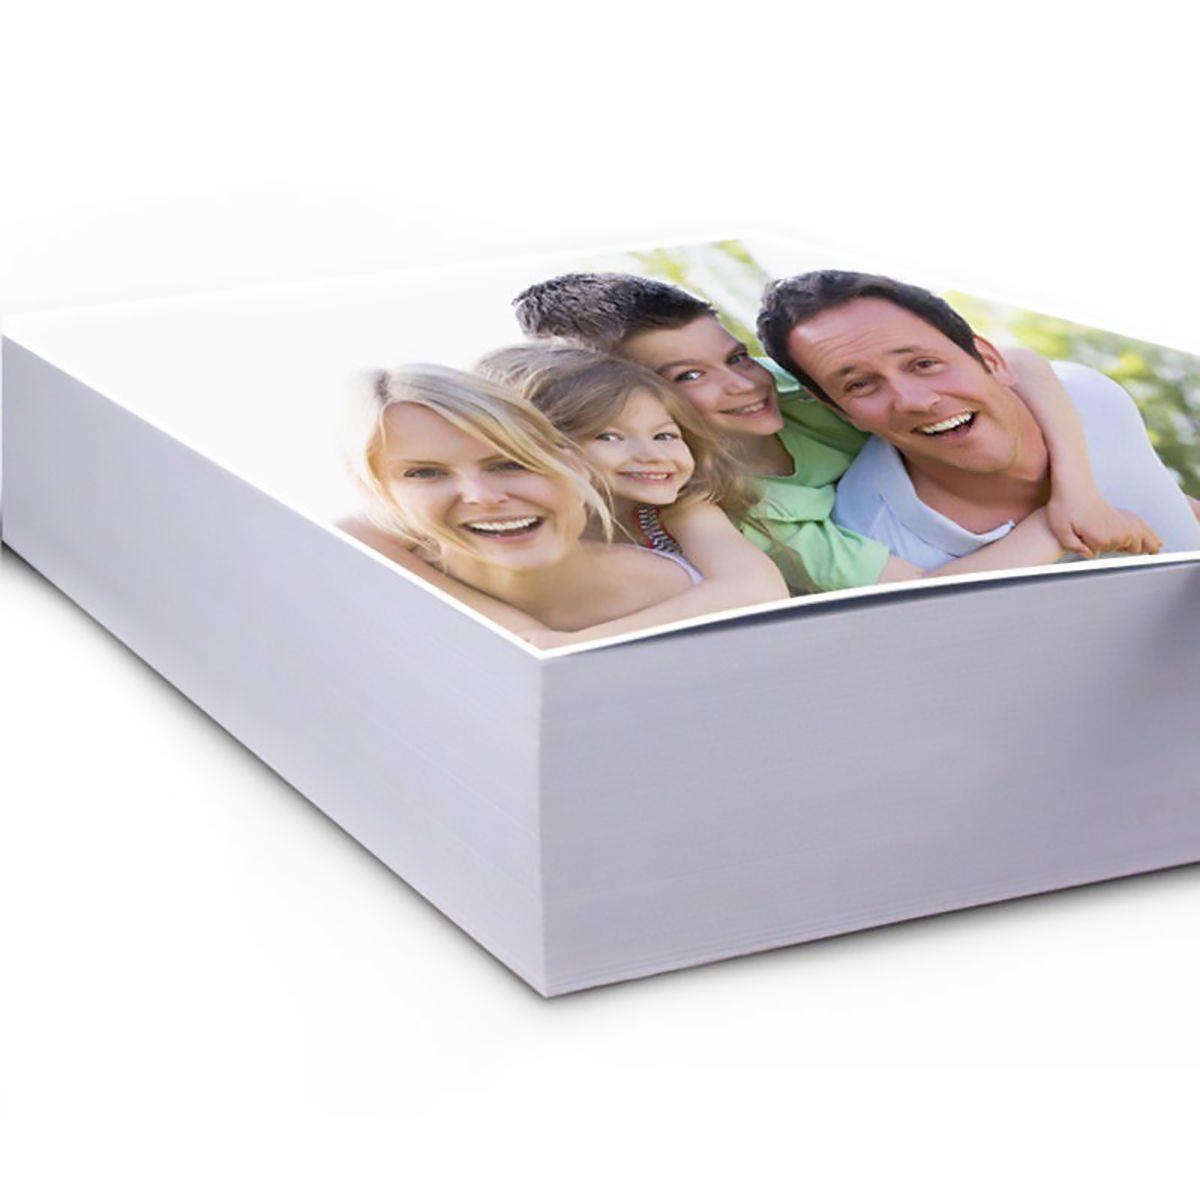 Papel Fotográfico 120g A4 Glossy Branco Brilhante Resistente à Água / 1000 folhas